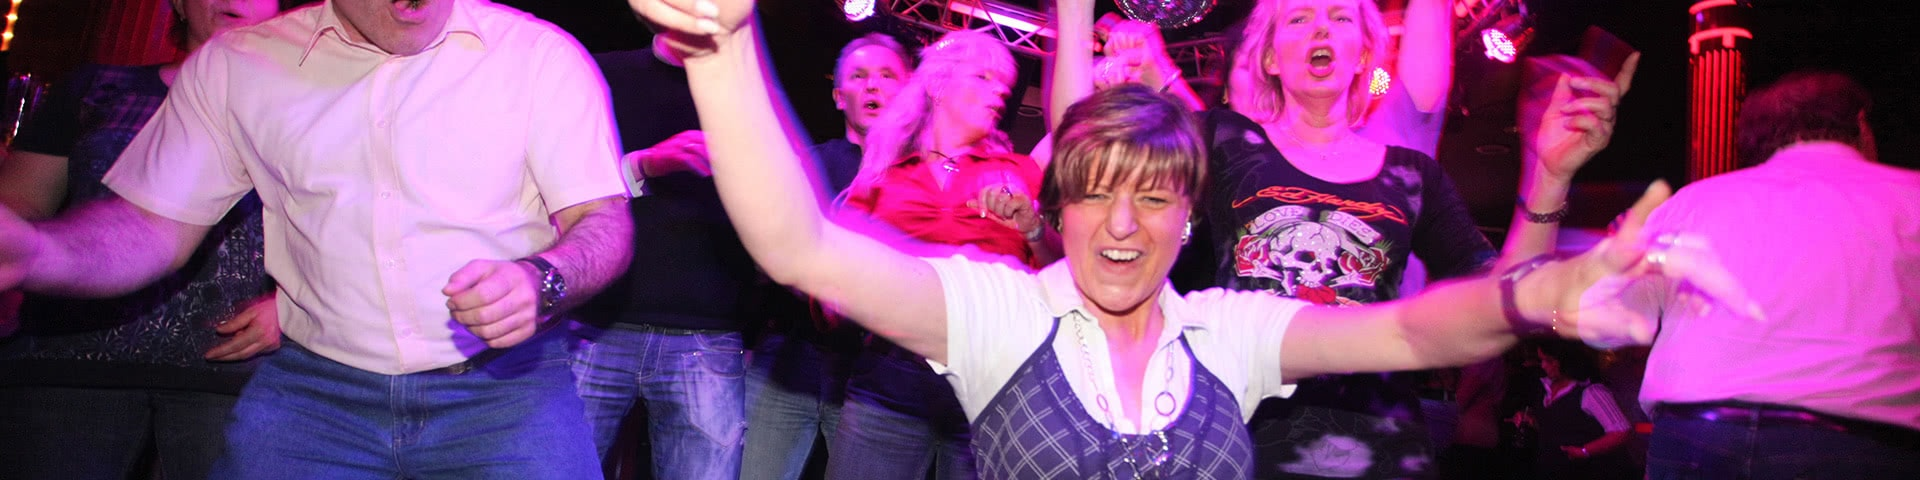 Augelassene Party im Starclub im Sauerland Stern Hotel in Willingen